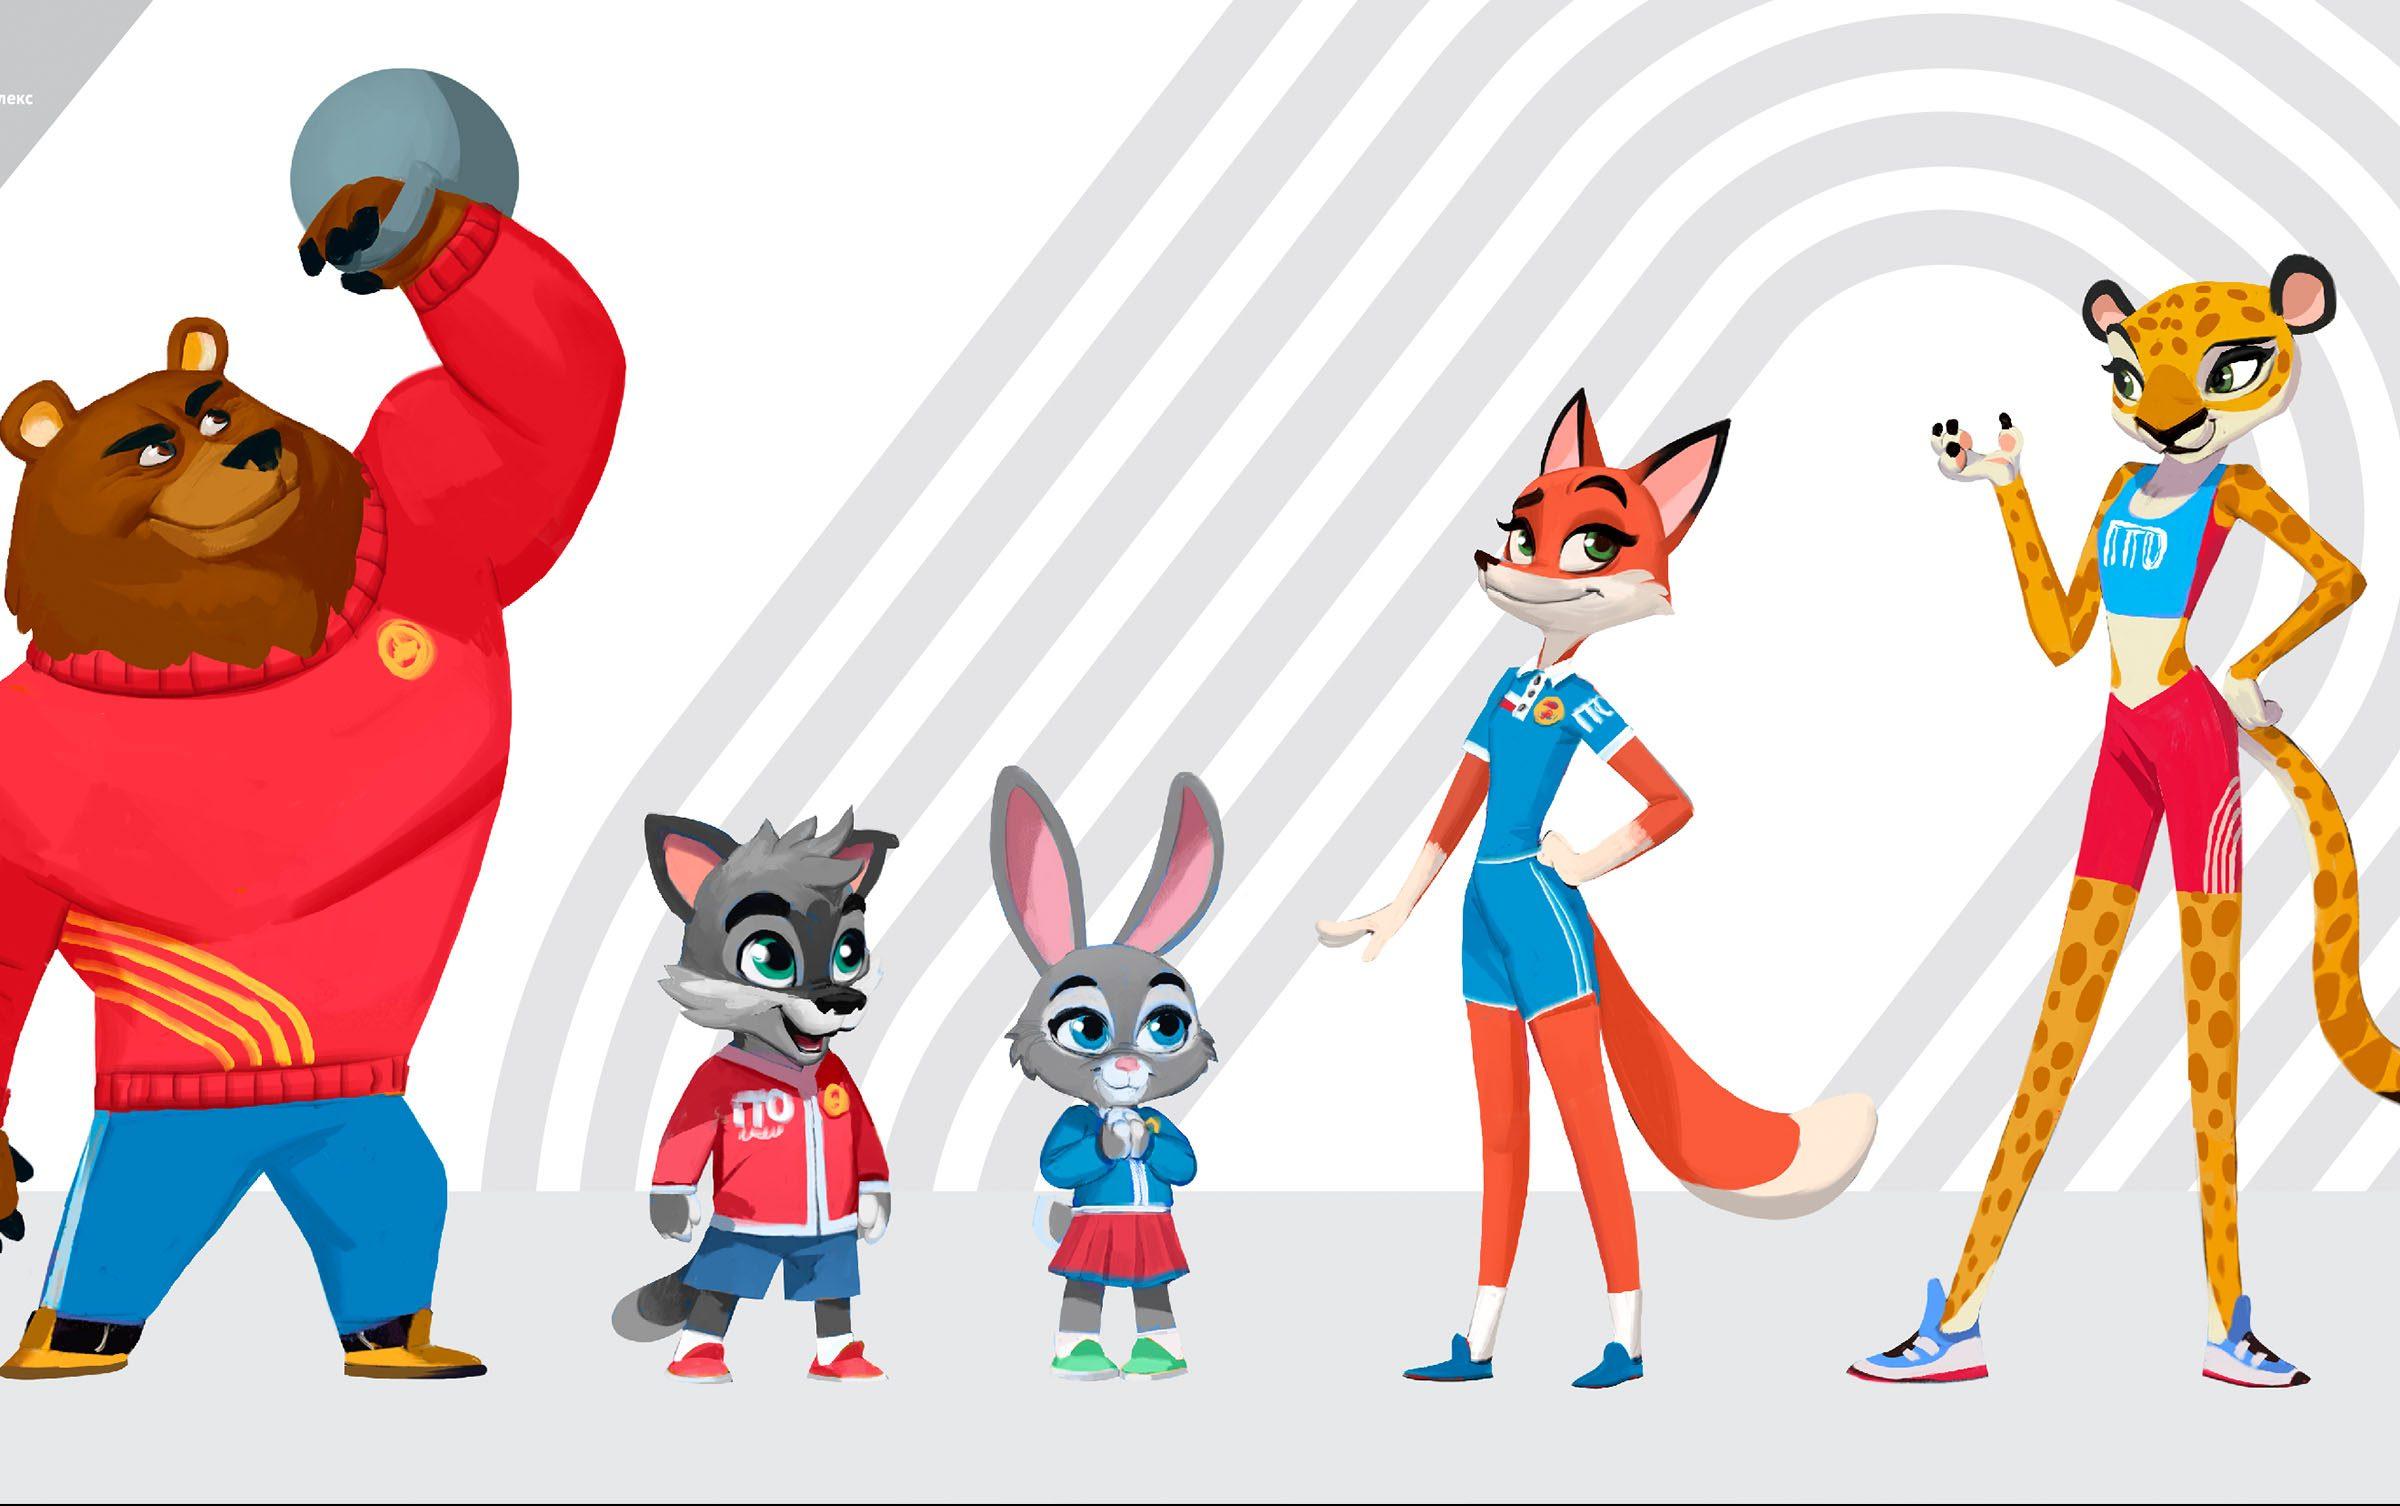 «Союзмультфильм» представил концепцию нового анимационного сериала о Талисманах ГТО